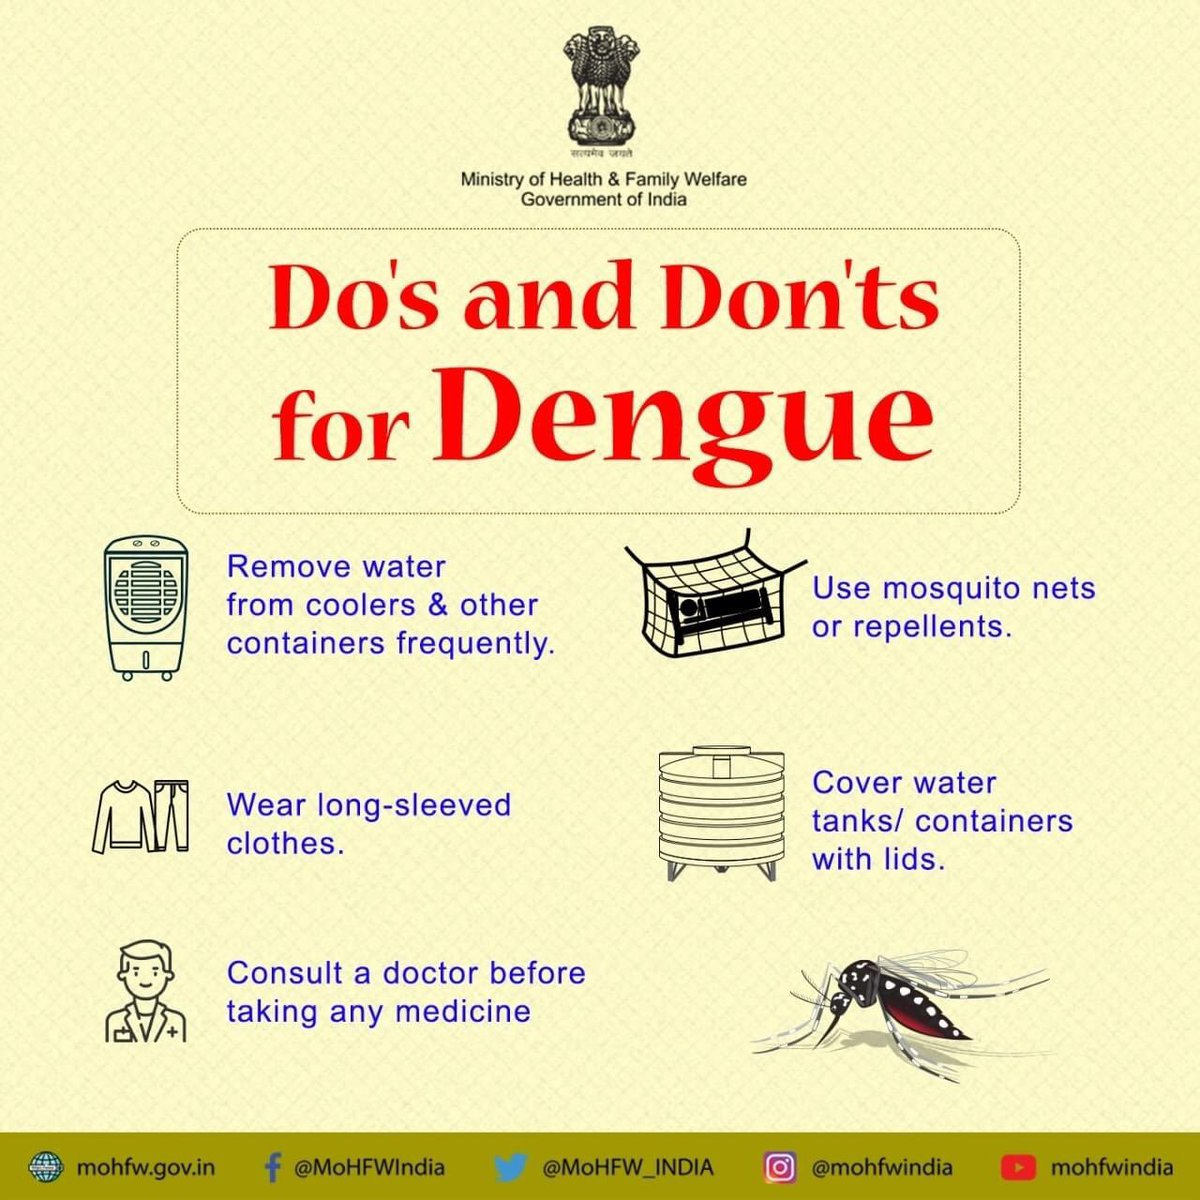 #COVID19 के चलते डेंगू को अनदेखा न करे।  इसकी रोकथाम संभव है। कुछ आसान से उपायों को अपनाकर, करें डेंगू से बचाव    https://t.co/hb3eanEeqg.   #SwasthaBharat #TransformingHealth #Dengue https://t.co/DTRQmZTQtX